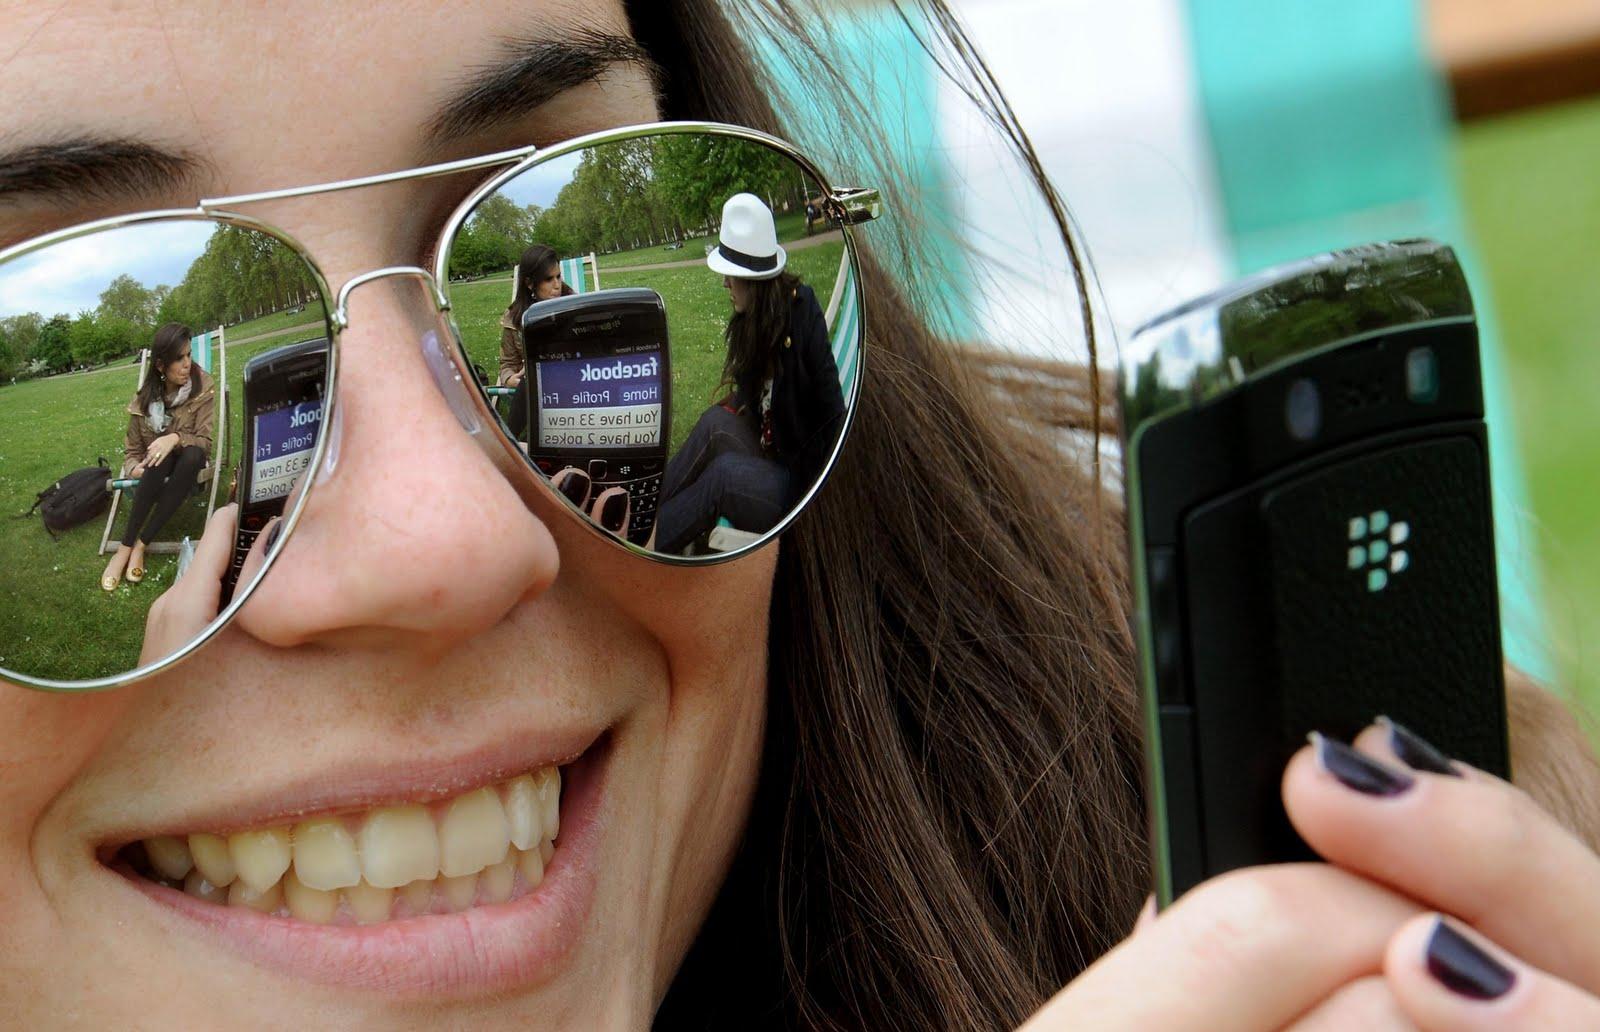 BlackBerry perdió 628 millones de dólares en el 2012